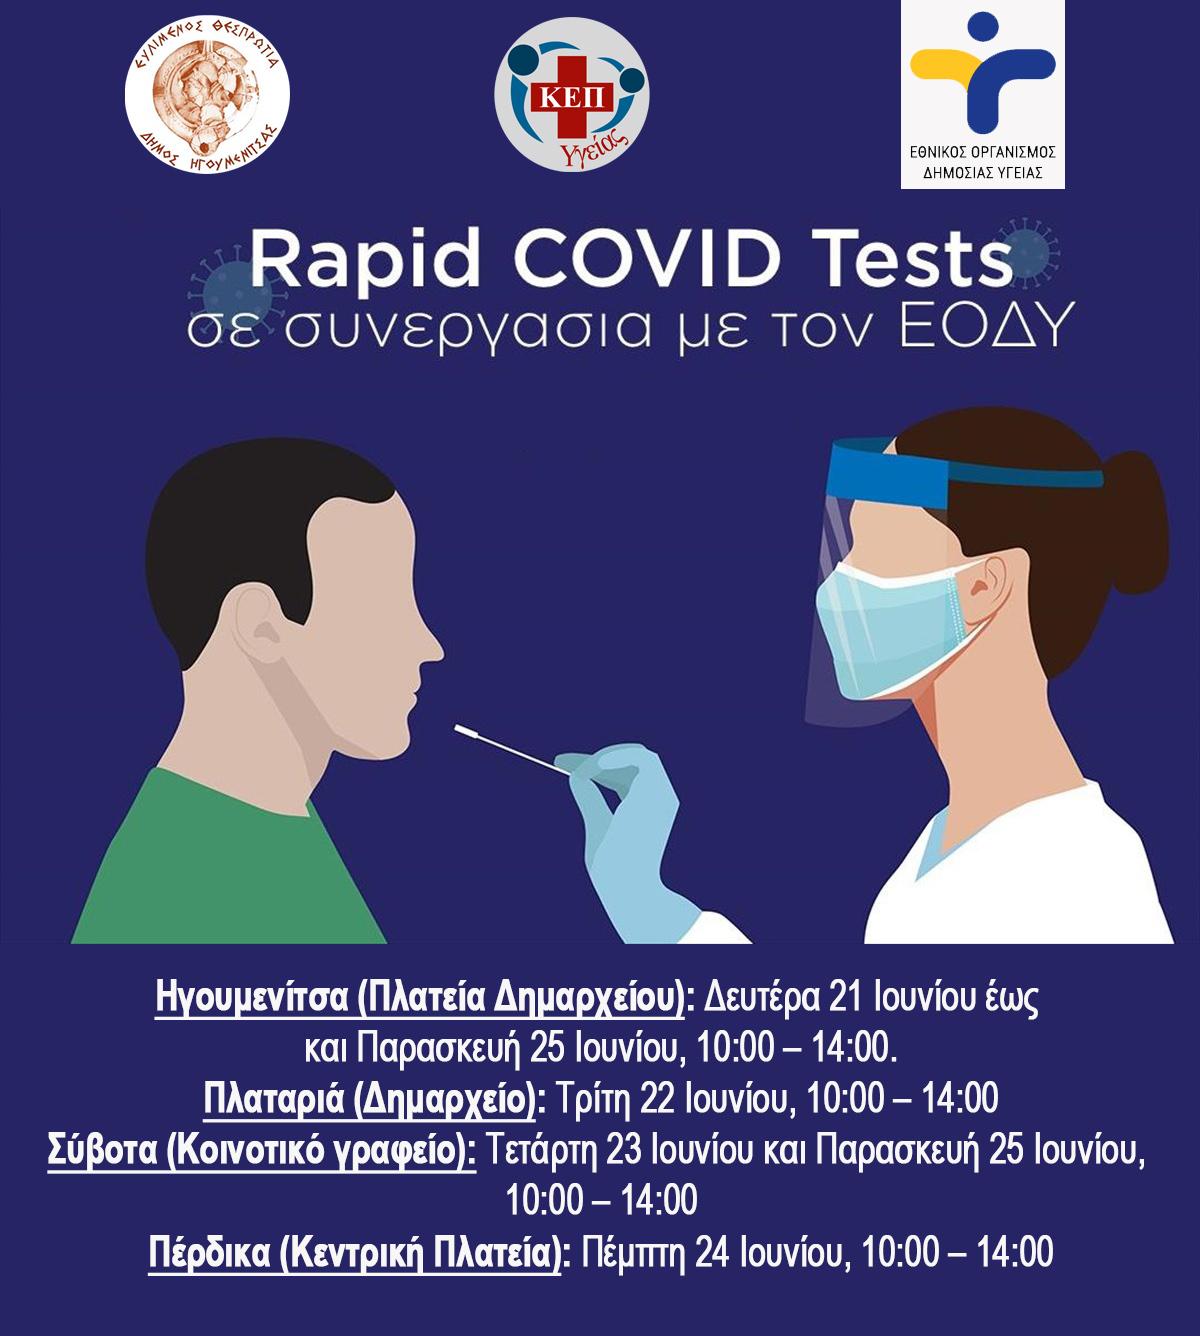 Δωρεάν rapid test σε Ηγουμενίτσα, Πλαταριά, Σύβοτα, Πέρδικα